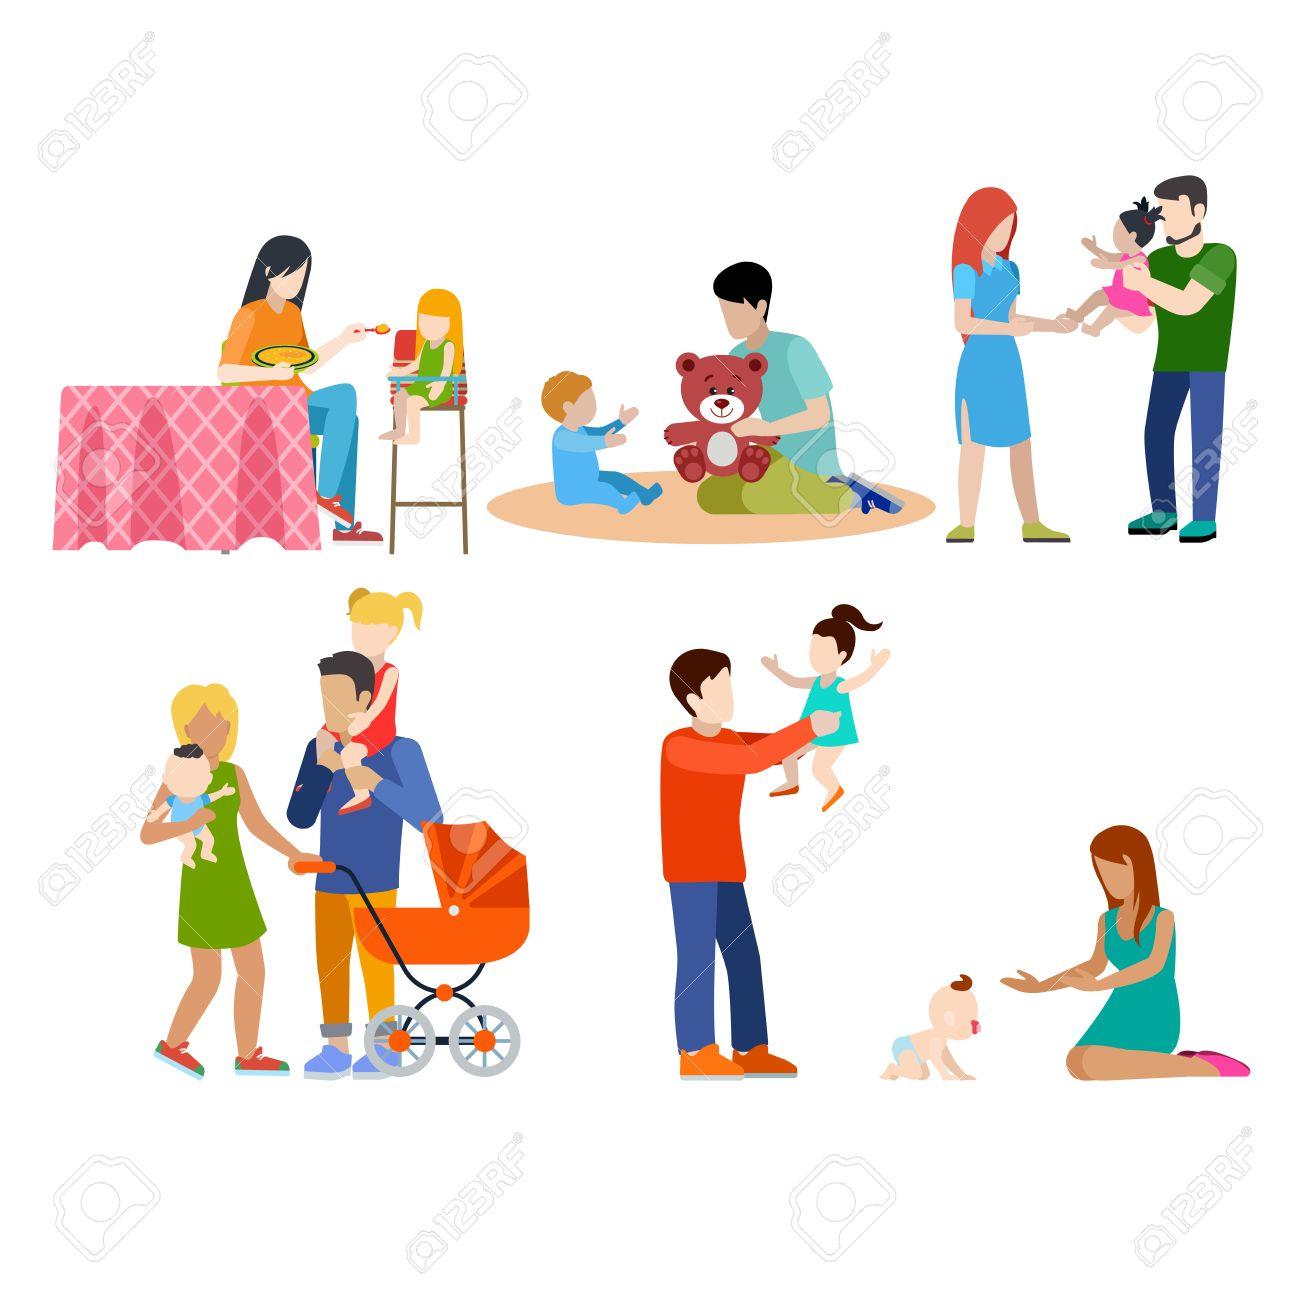 enfermería de la familia de cuidado de niños pequeños gente padres